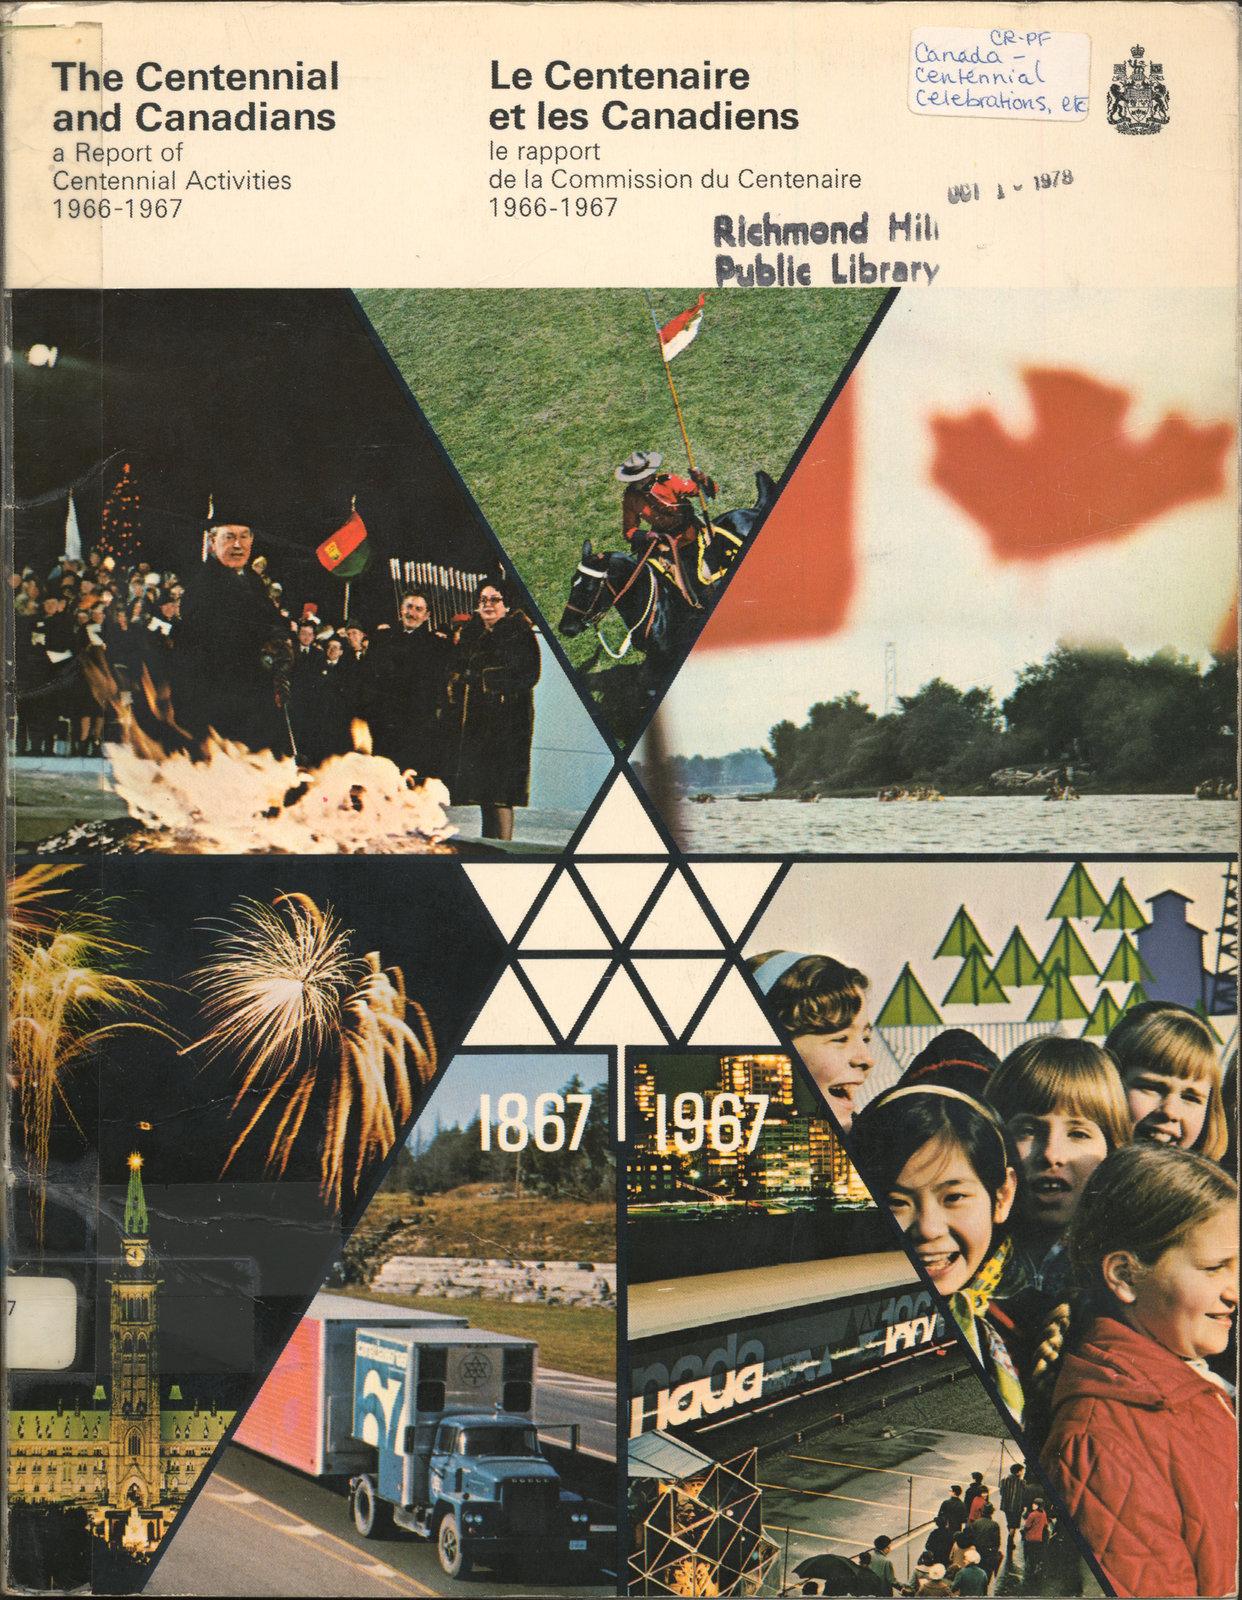 The Centennial and Canadians: a Report of Centennial Activities 1966-1967